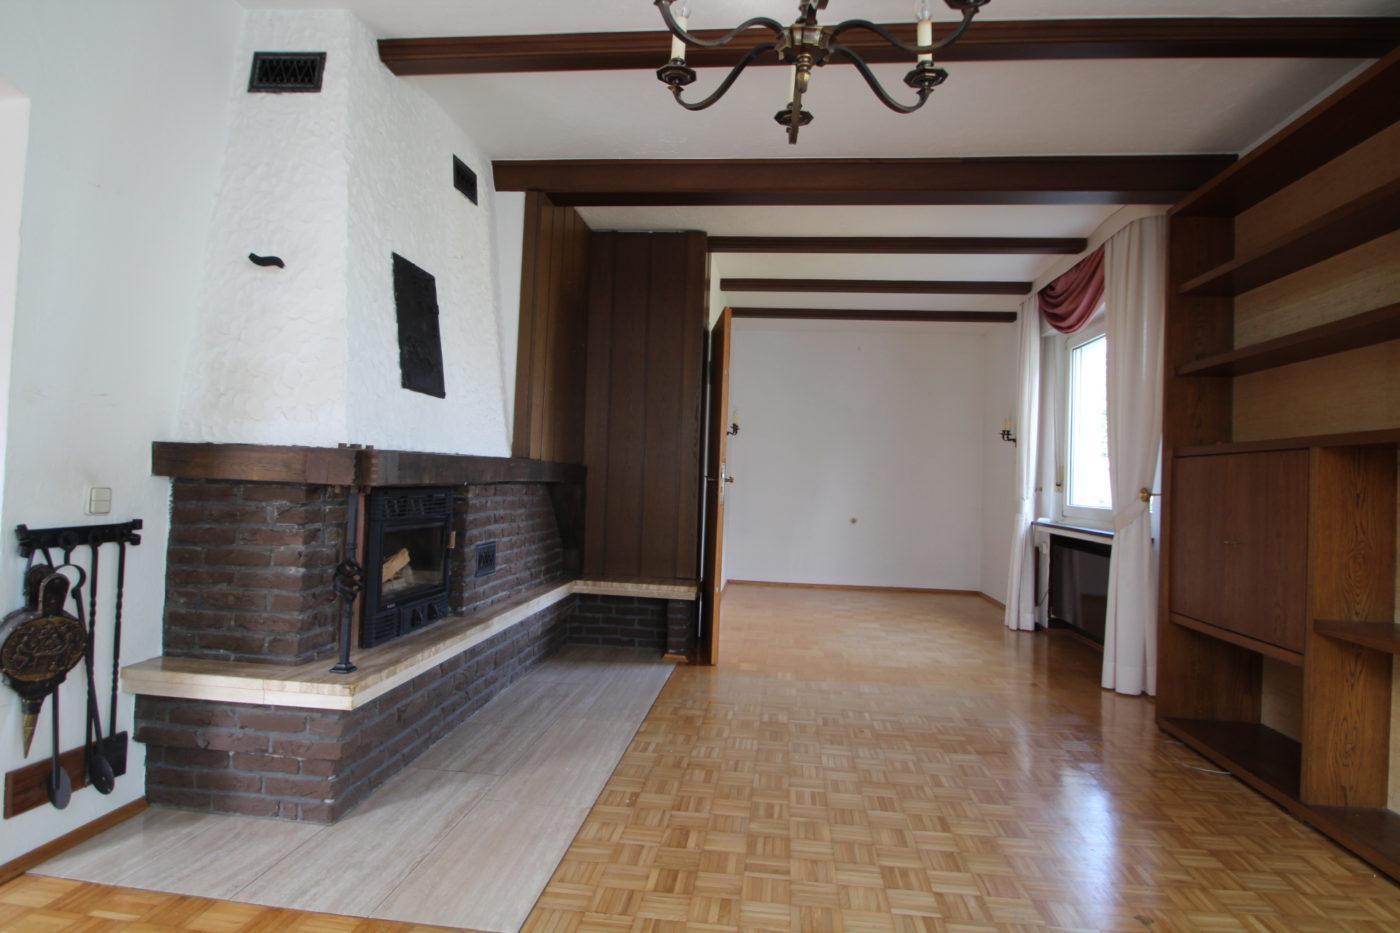 Leere und geerbte Immobilie in Anröchte stand Monate lang zum Verkauf. Keiner wollte die Immobilie kaufen, bis Blickfang Homestaging beauftragt wurde. Sehen Sie den Vorher-Nachher-Effekt auf www.homestaging-blickfang.de